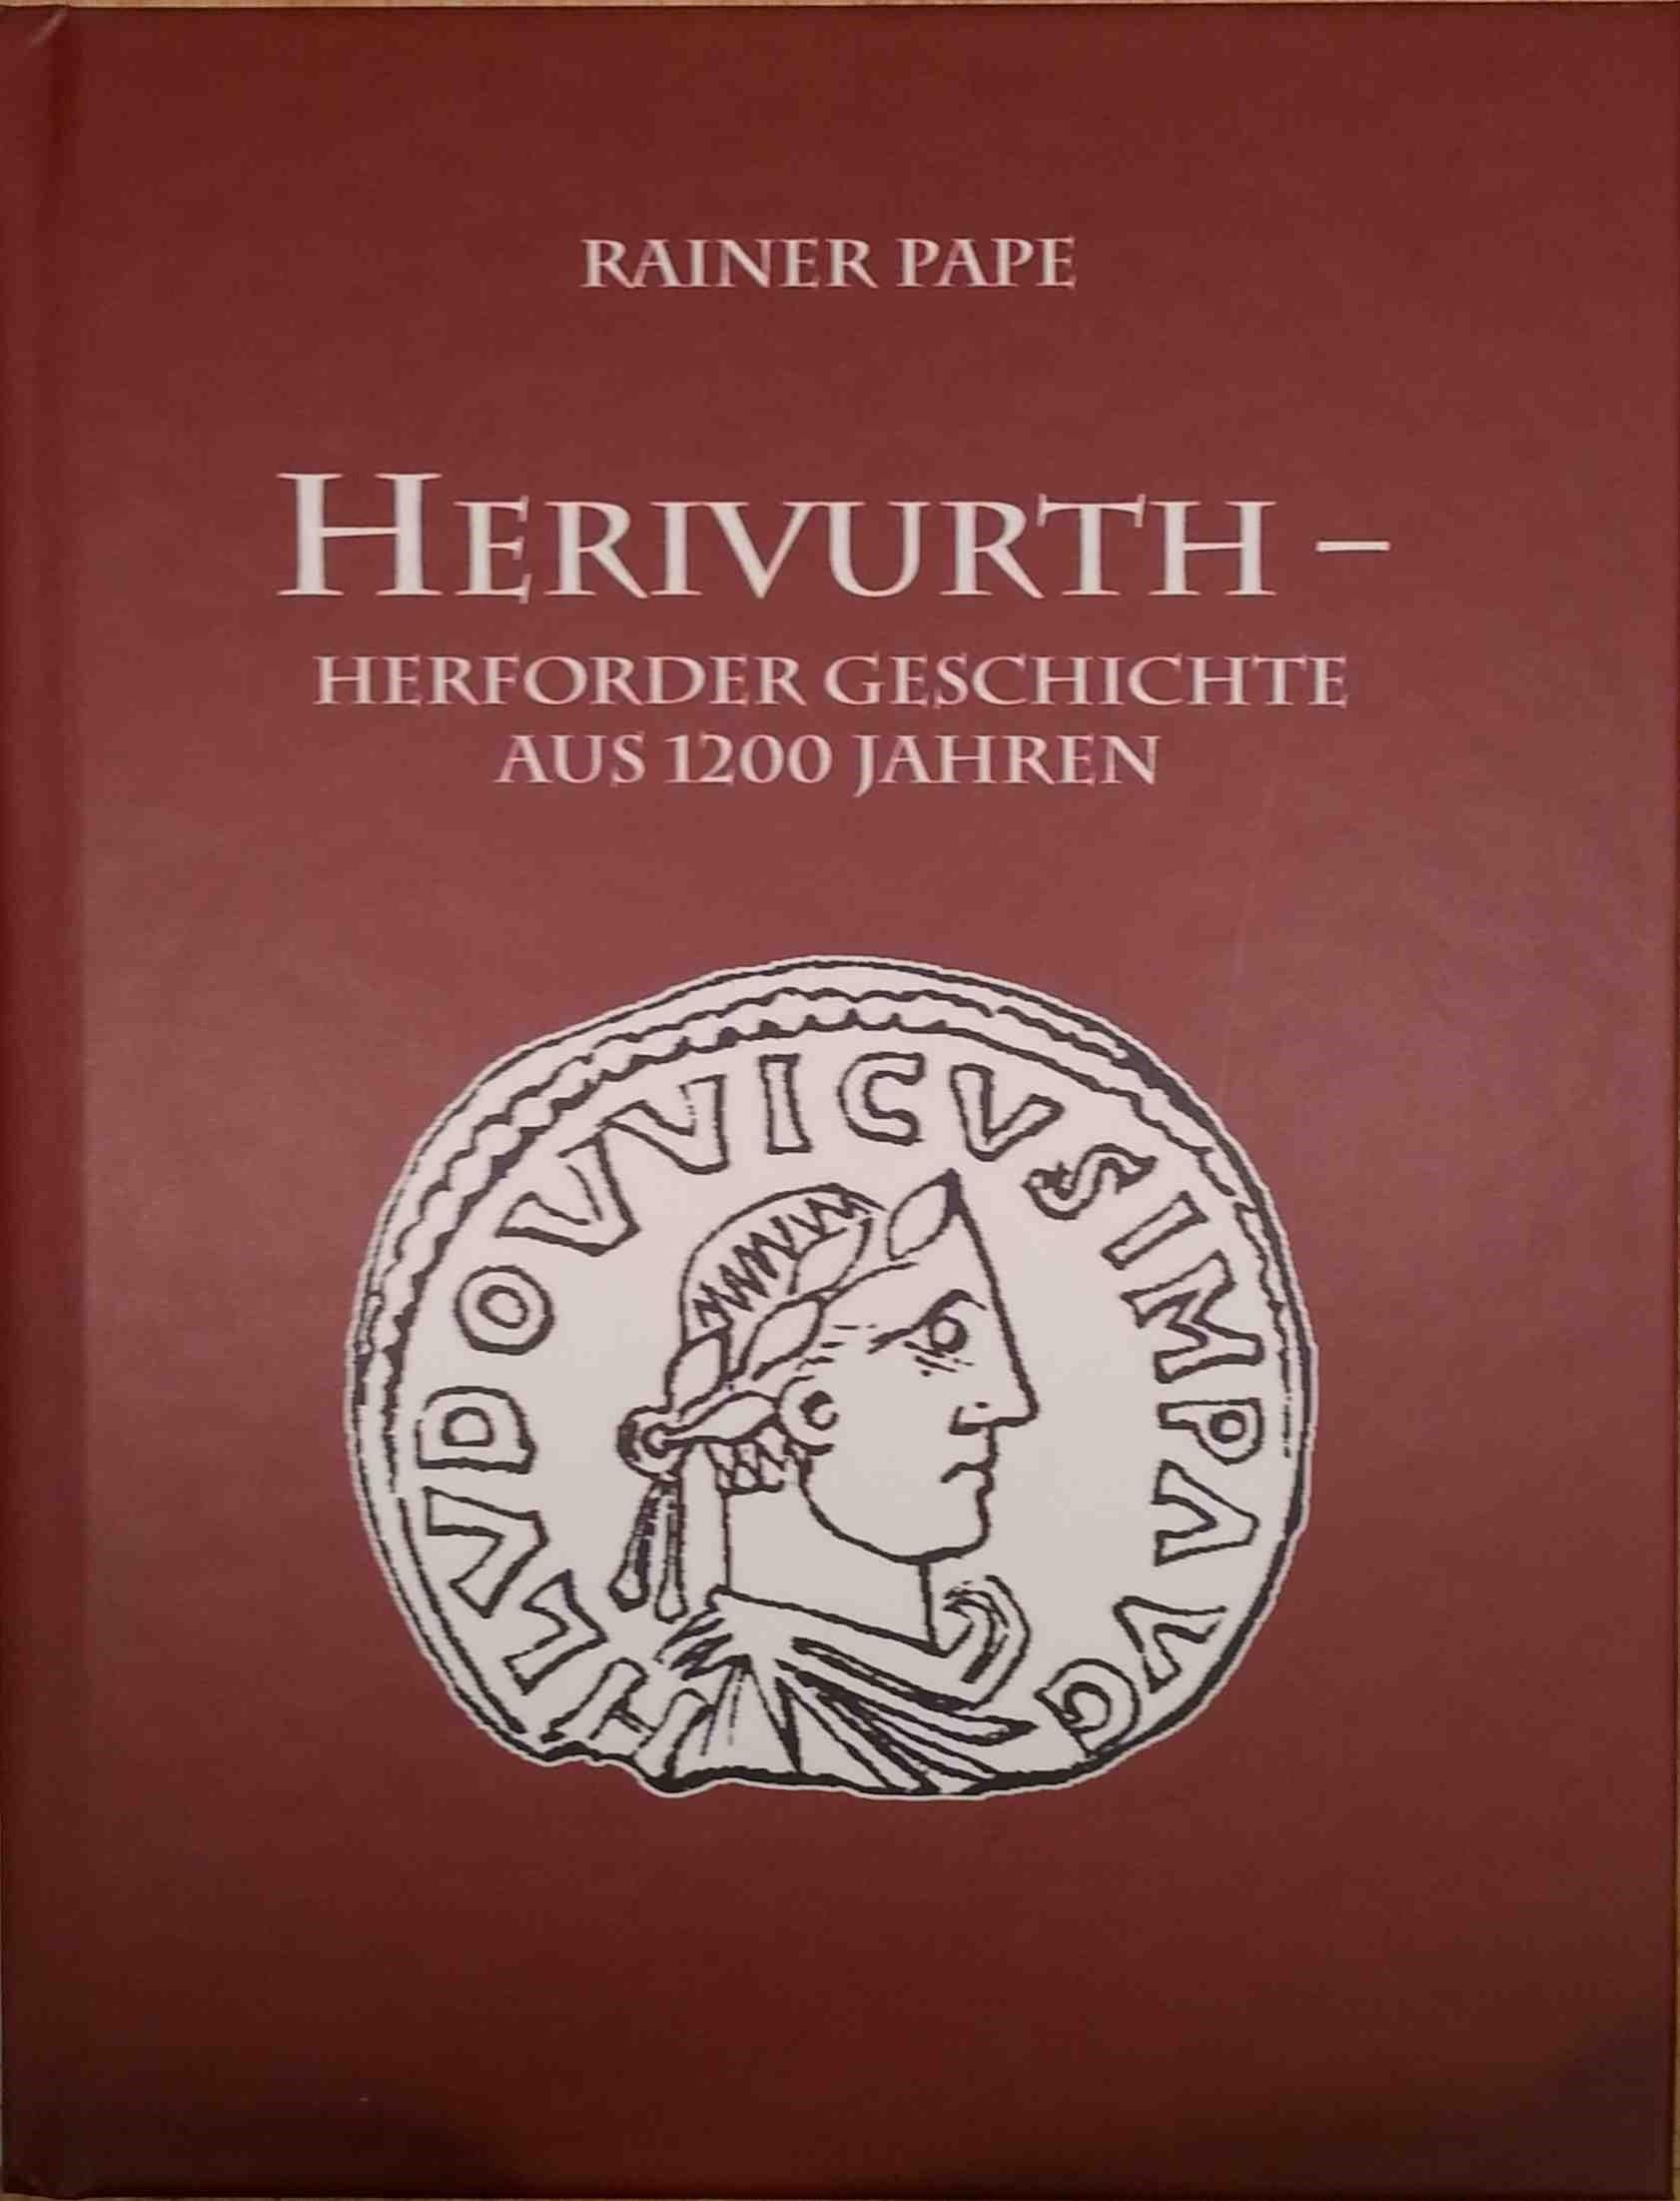 Herivurth - Herforder Geschichte aus 1200 Jahren